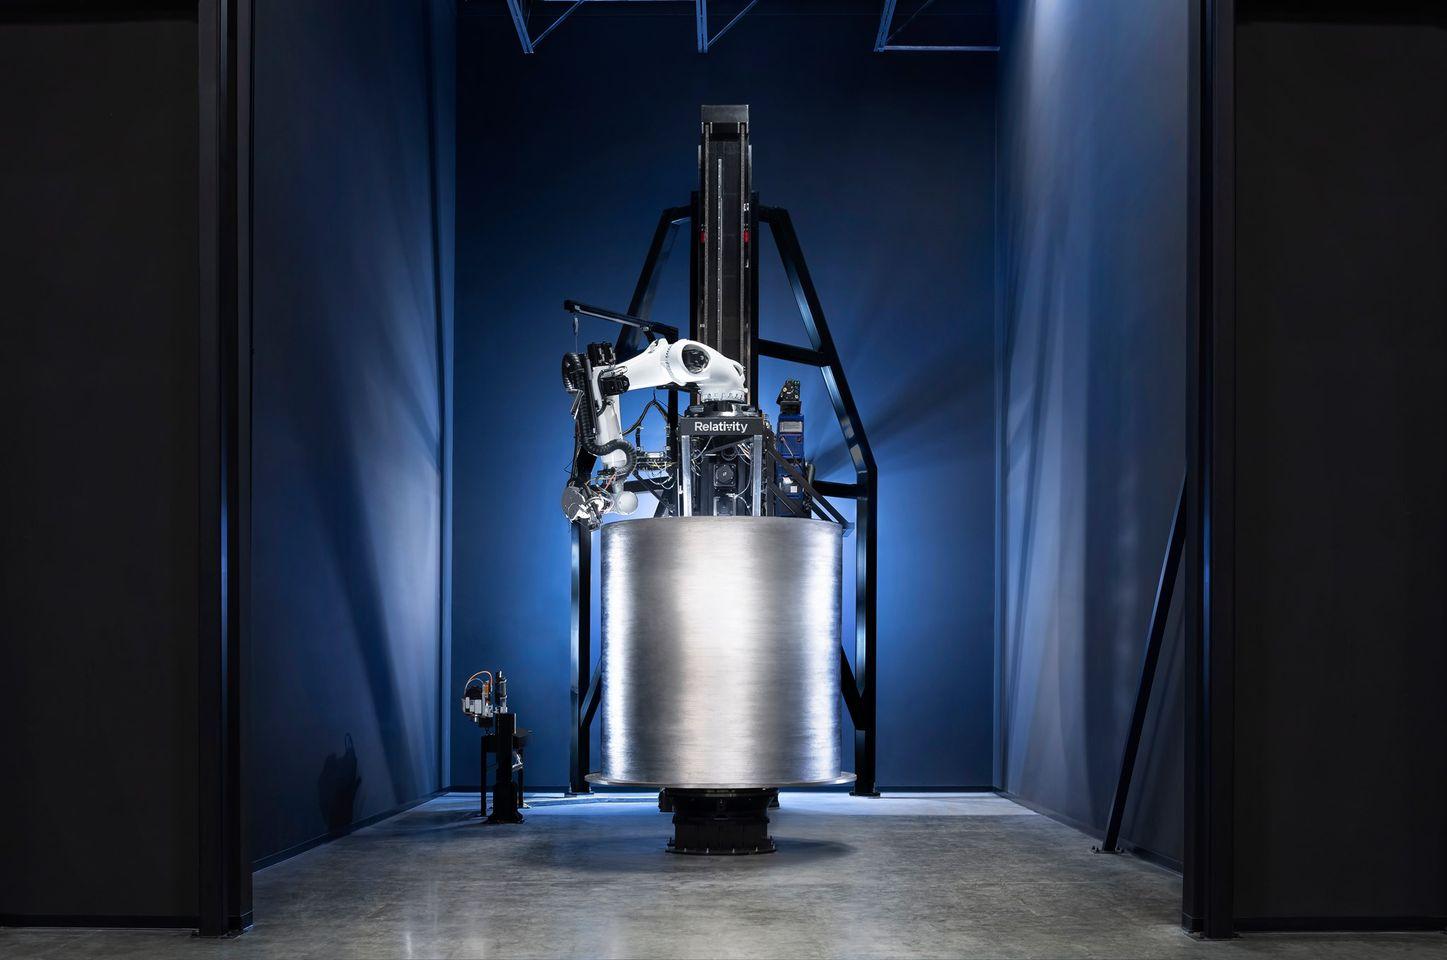 Relativity Space obtient un contrat de 3 millions de dollars de la NASA pour le lancement de CubeSats en 2022